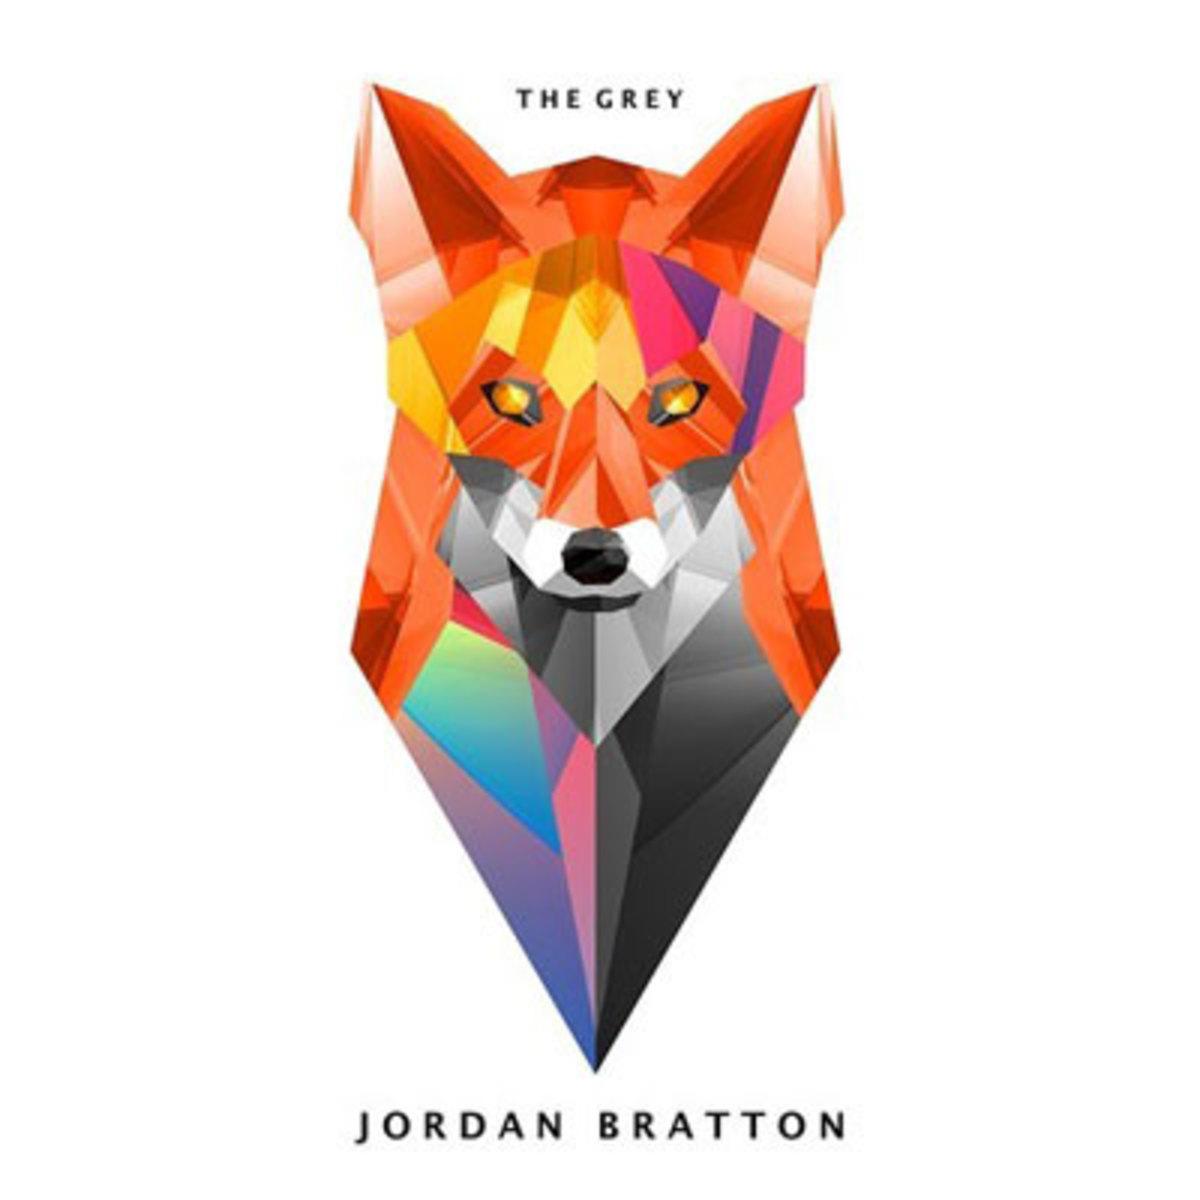 jordanbratton-thegrey.jpg